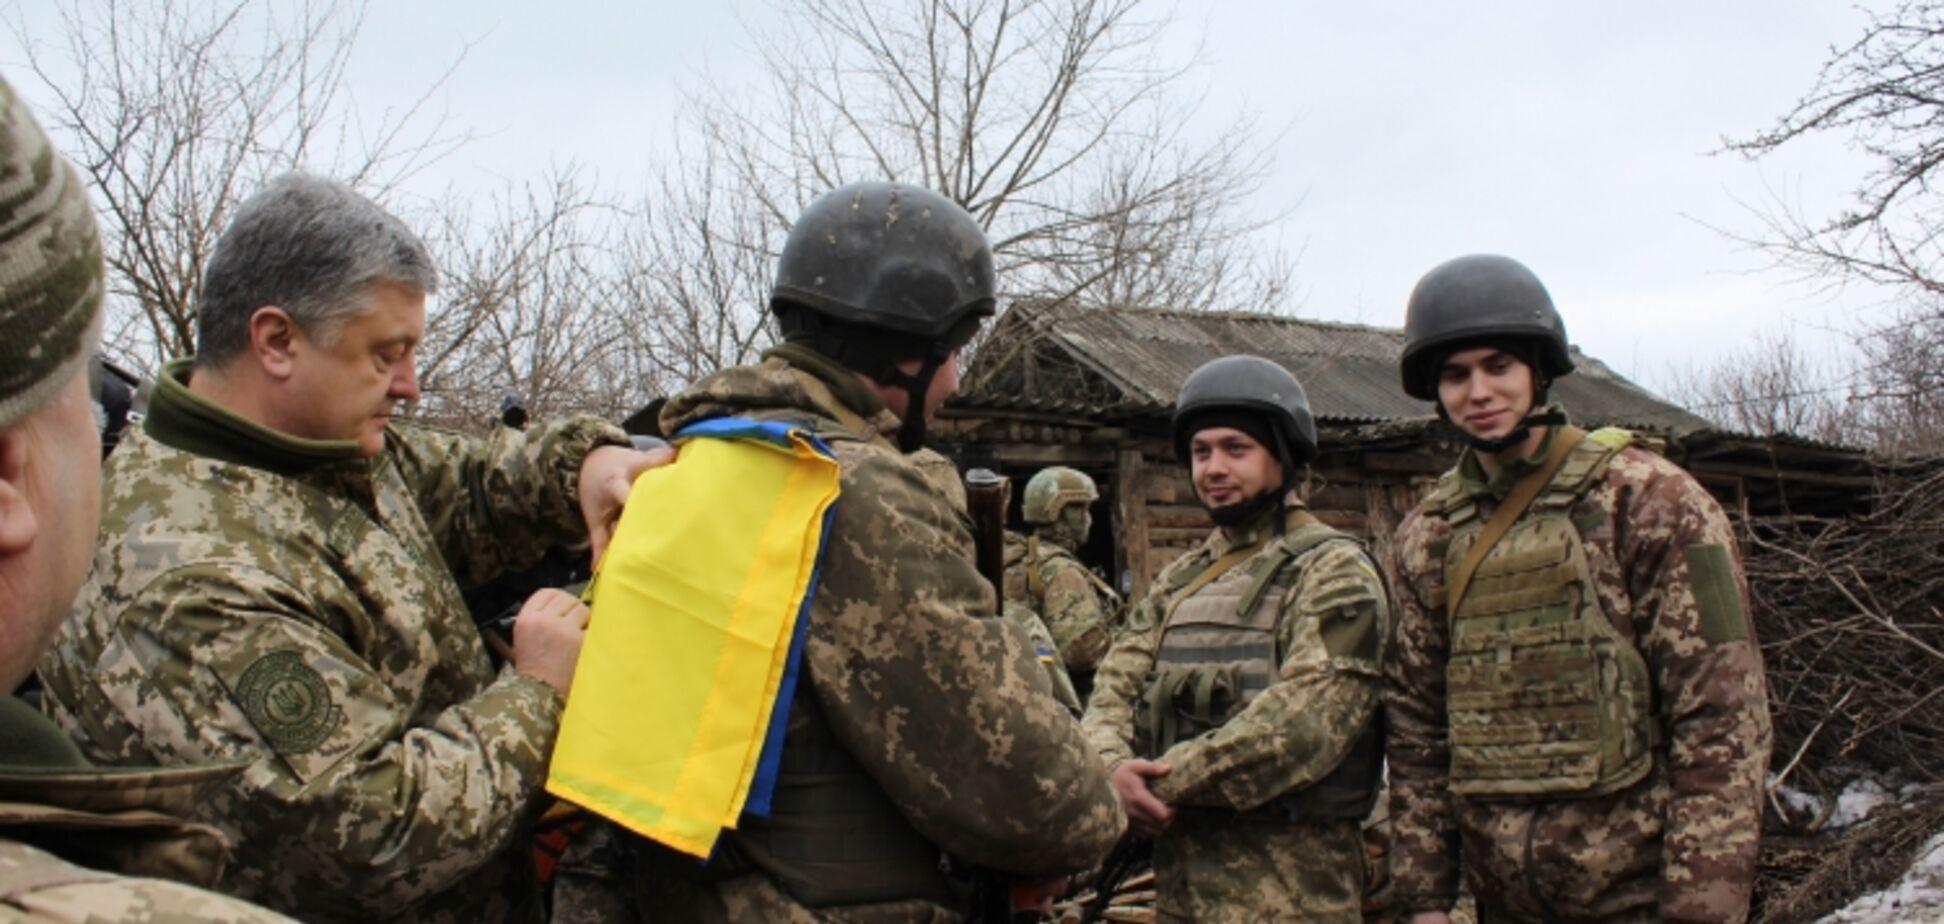 'Х*ни не говорил': АТОшник раскрыл изнанку визита Порошенко на передовую в АТО